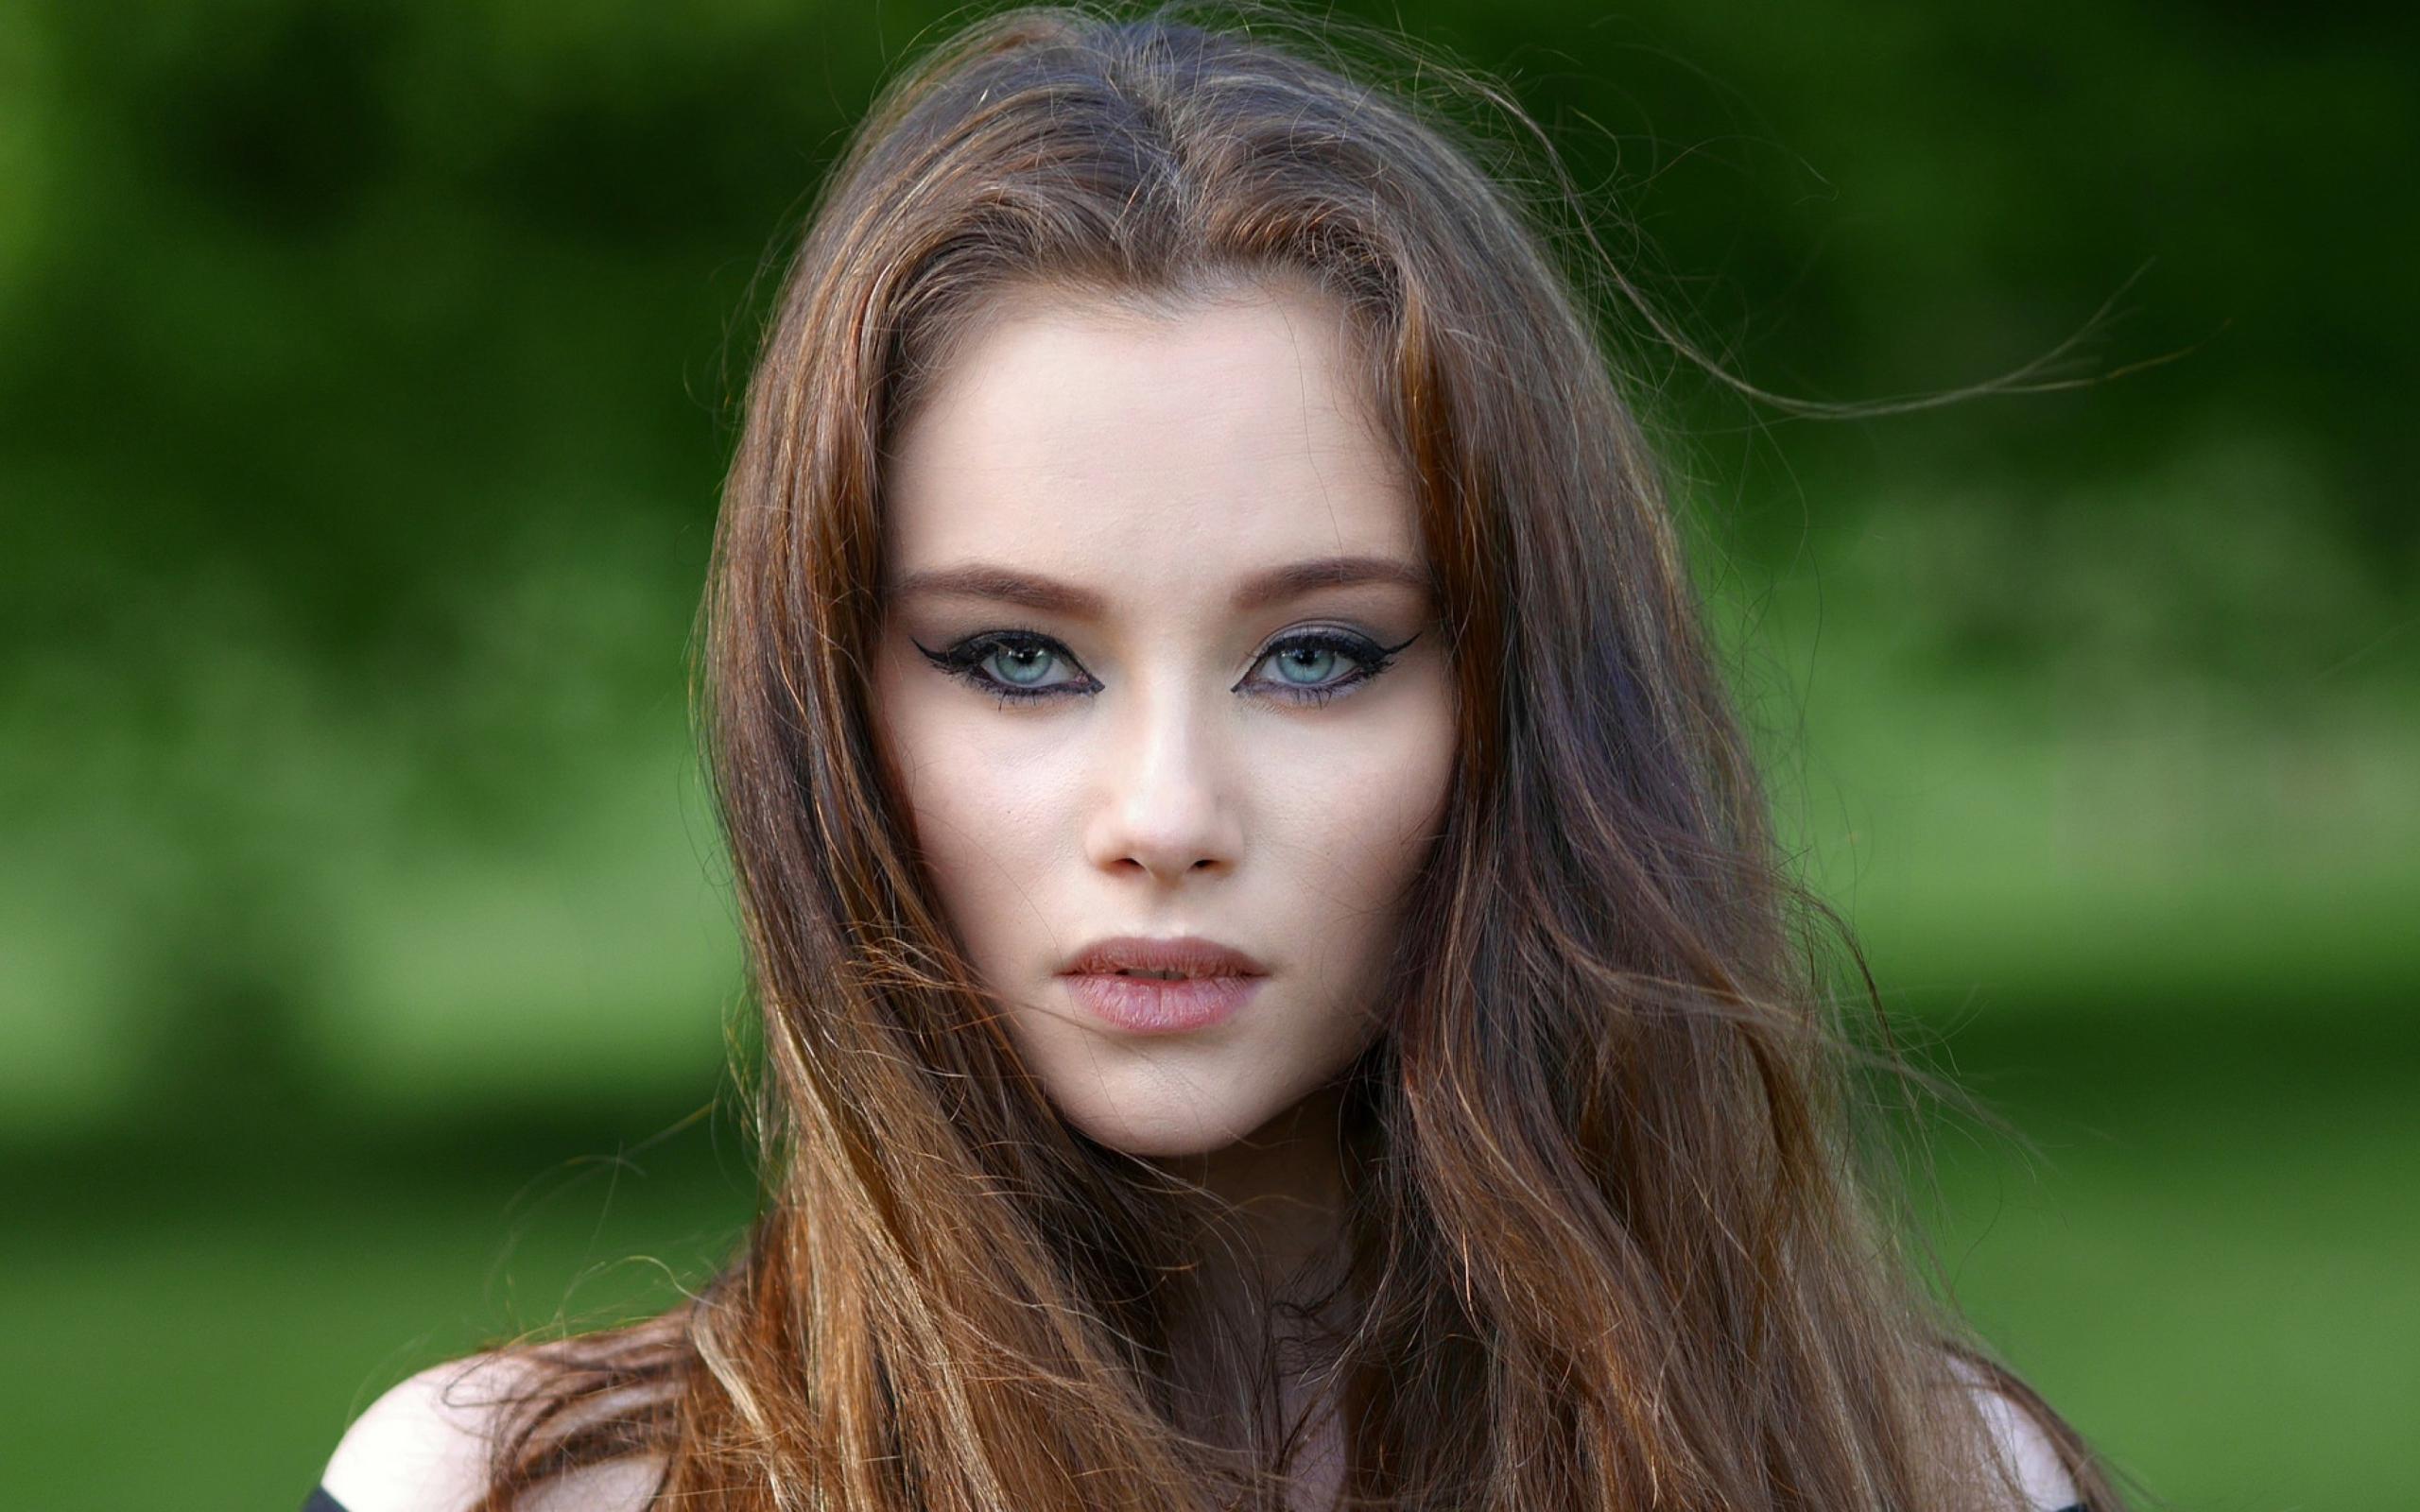 Голубоглазые шатенки фото красивых русских девушек дома взятые с простых людей